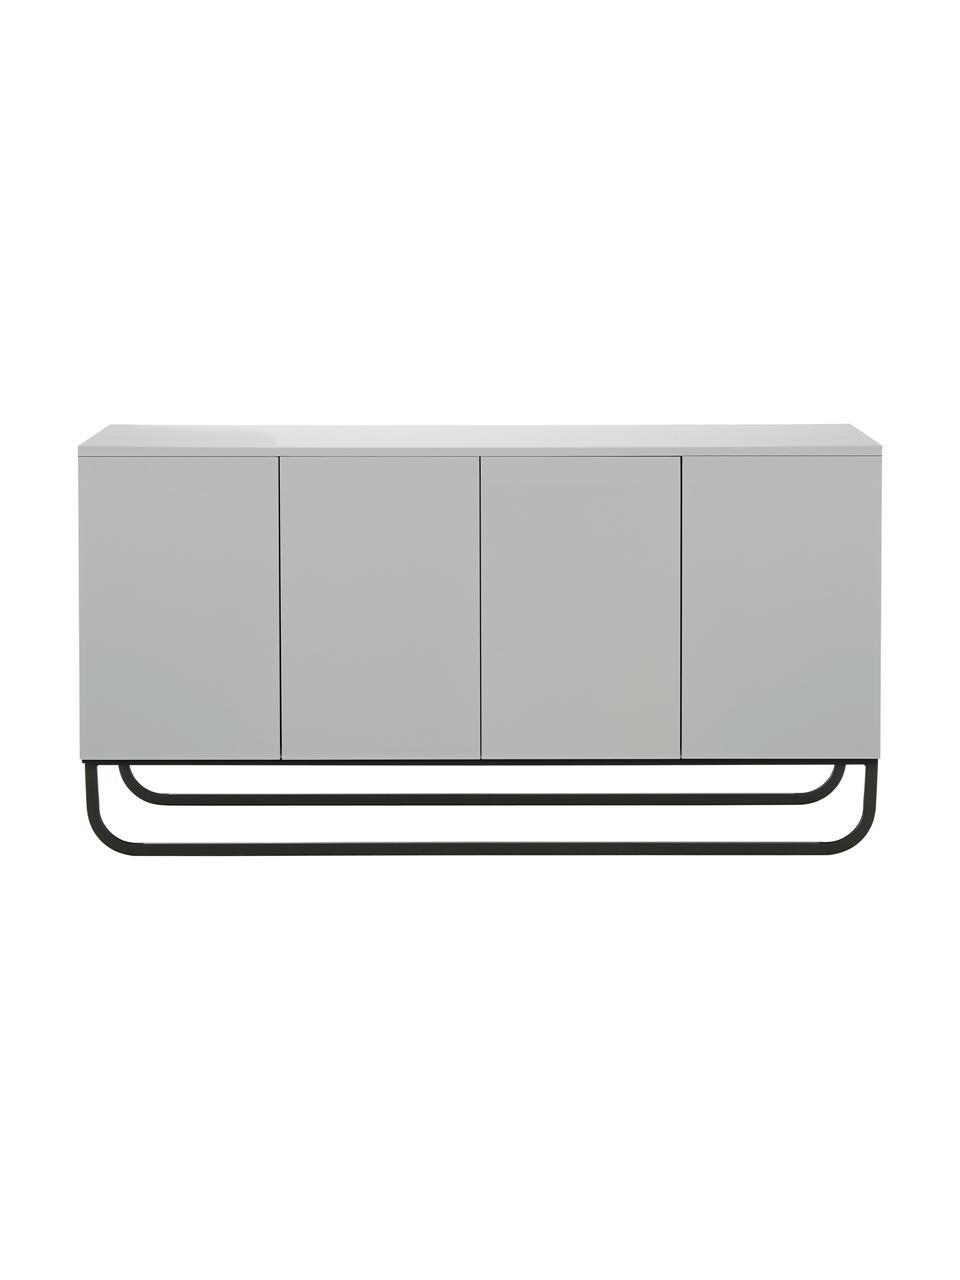 Credenza color grigio chiaro Sanford, Grigio chiaro, nero, Larg. 160 x Alt. 83 cm